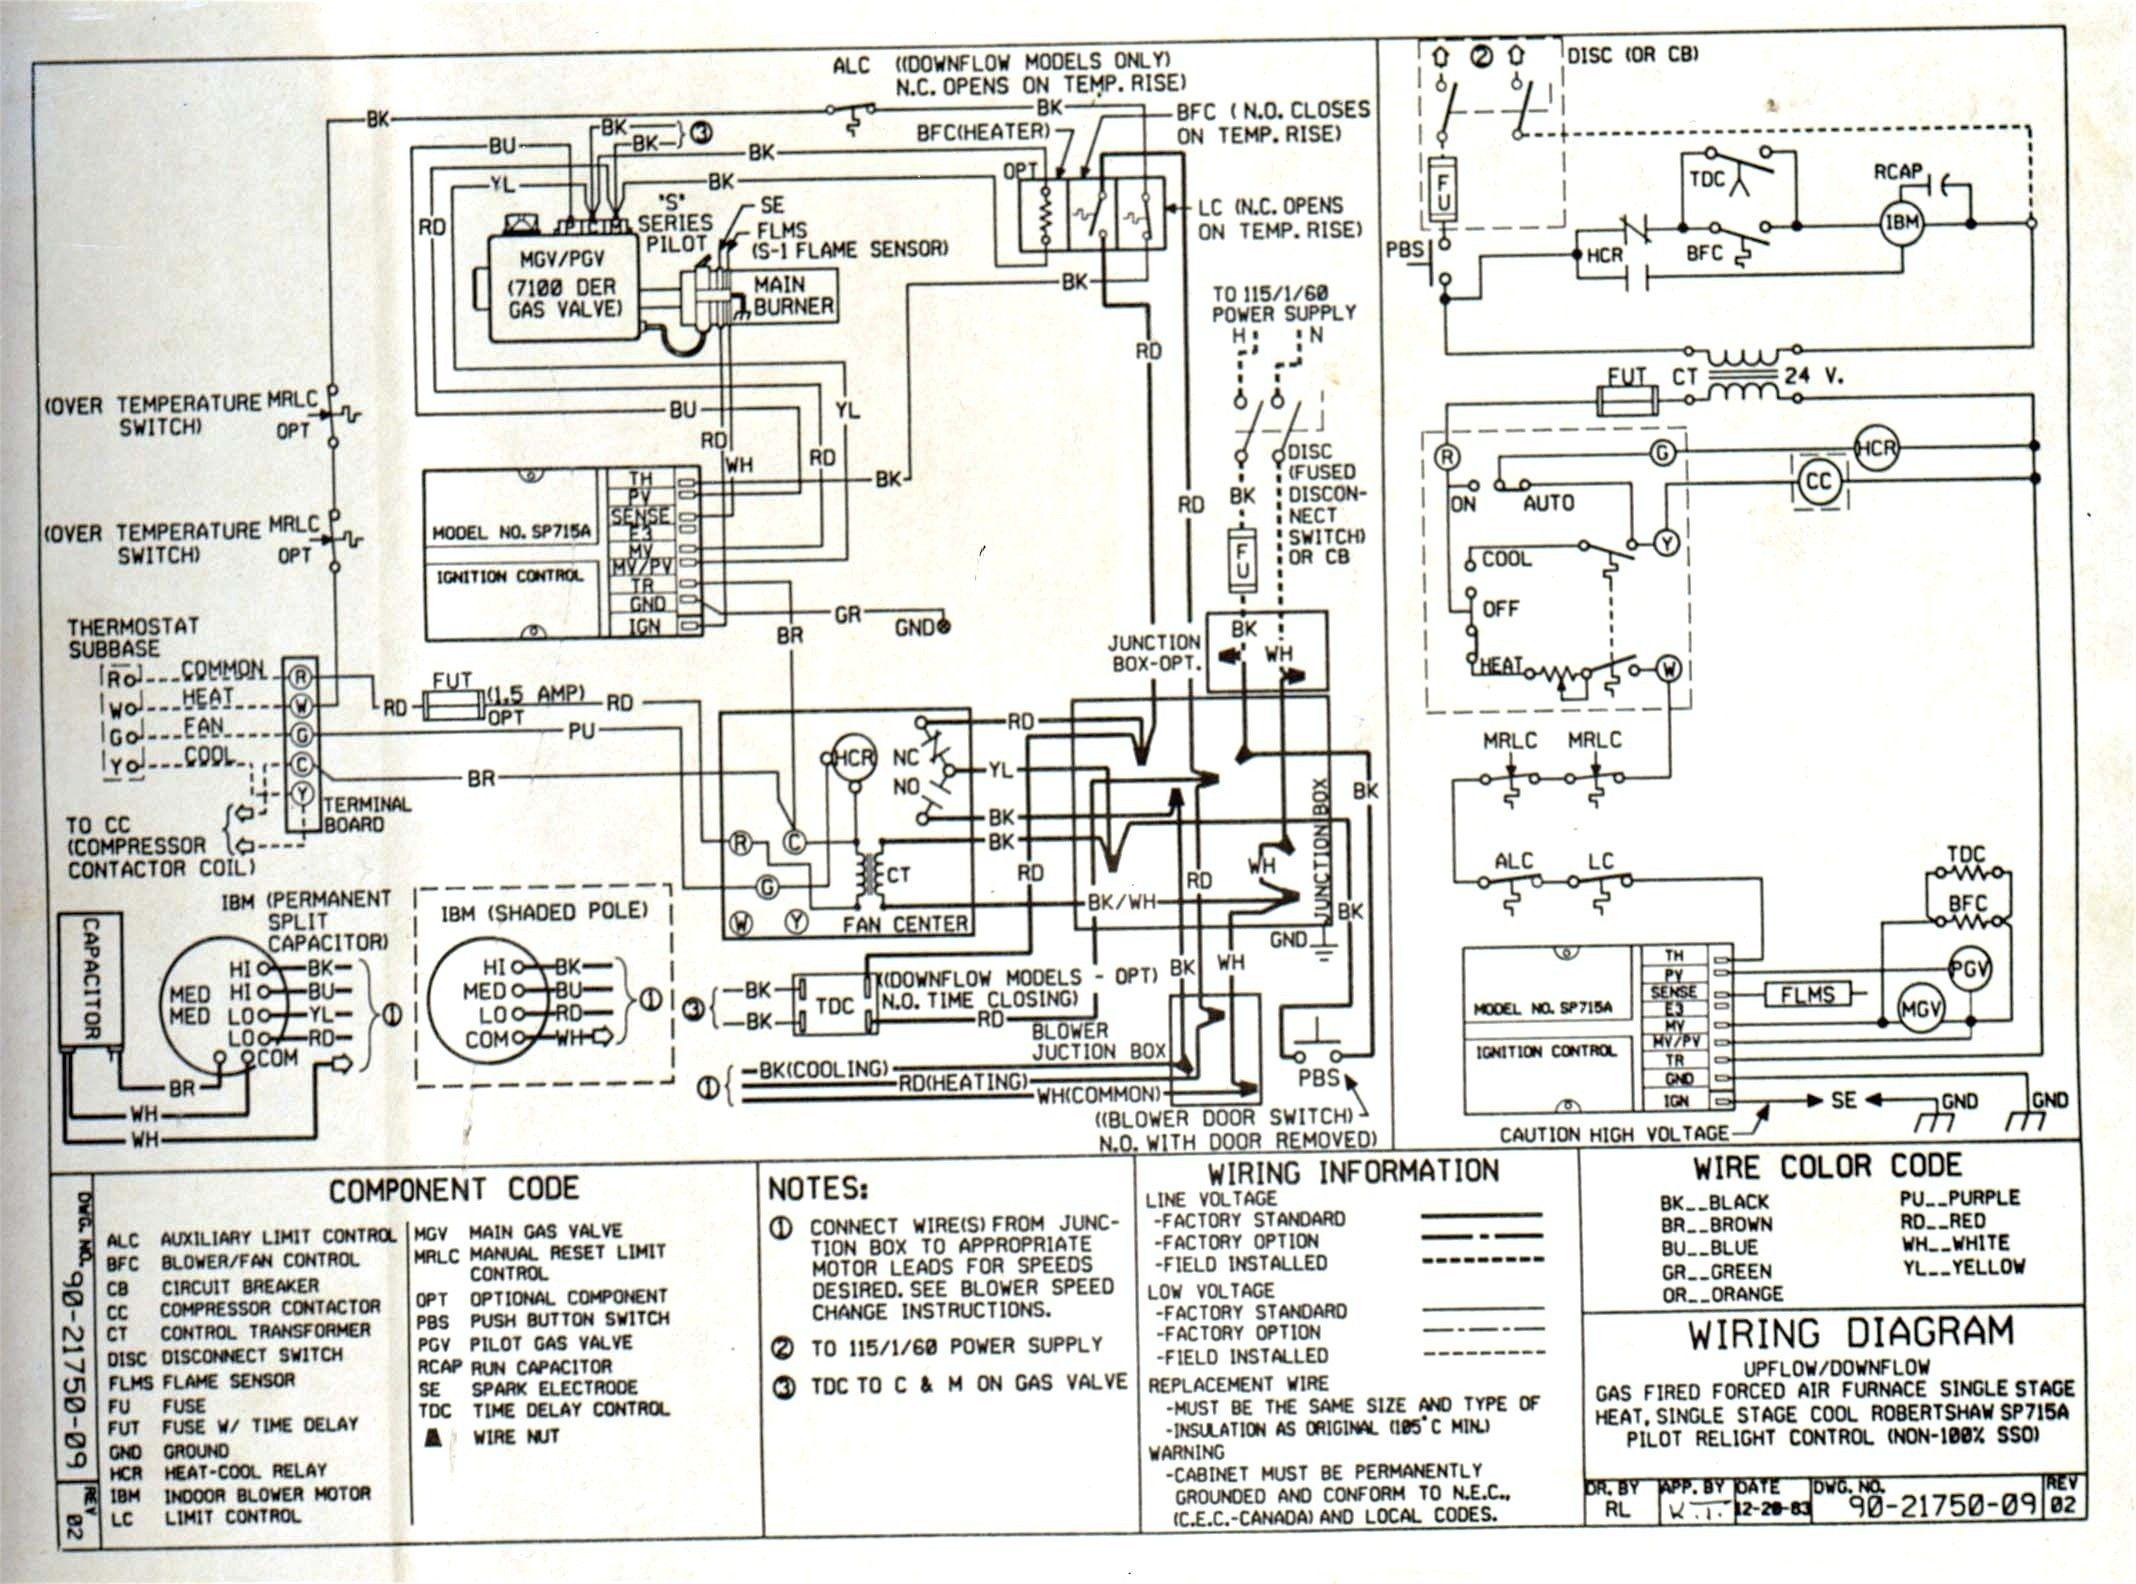 Unique Panel Wiring Diagram Diagram Wiringdiagram Diagramming